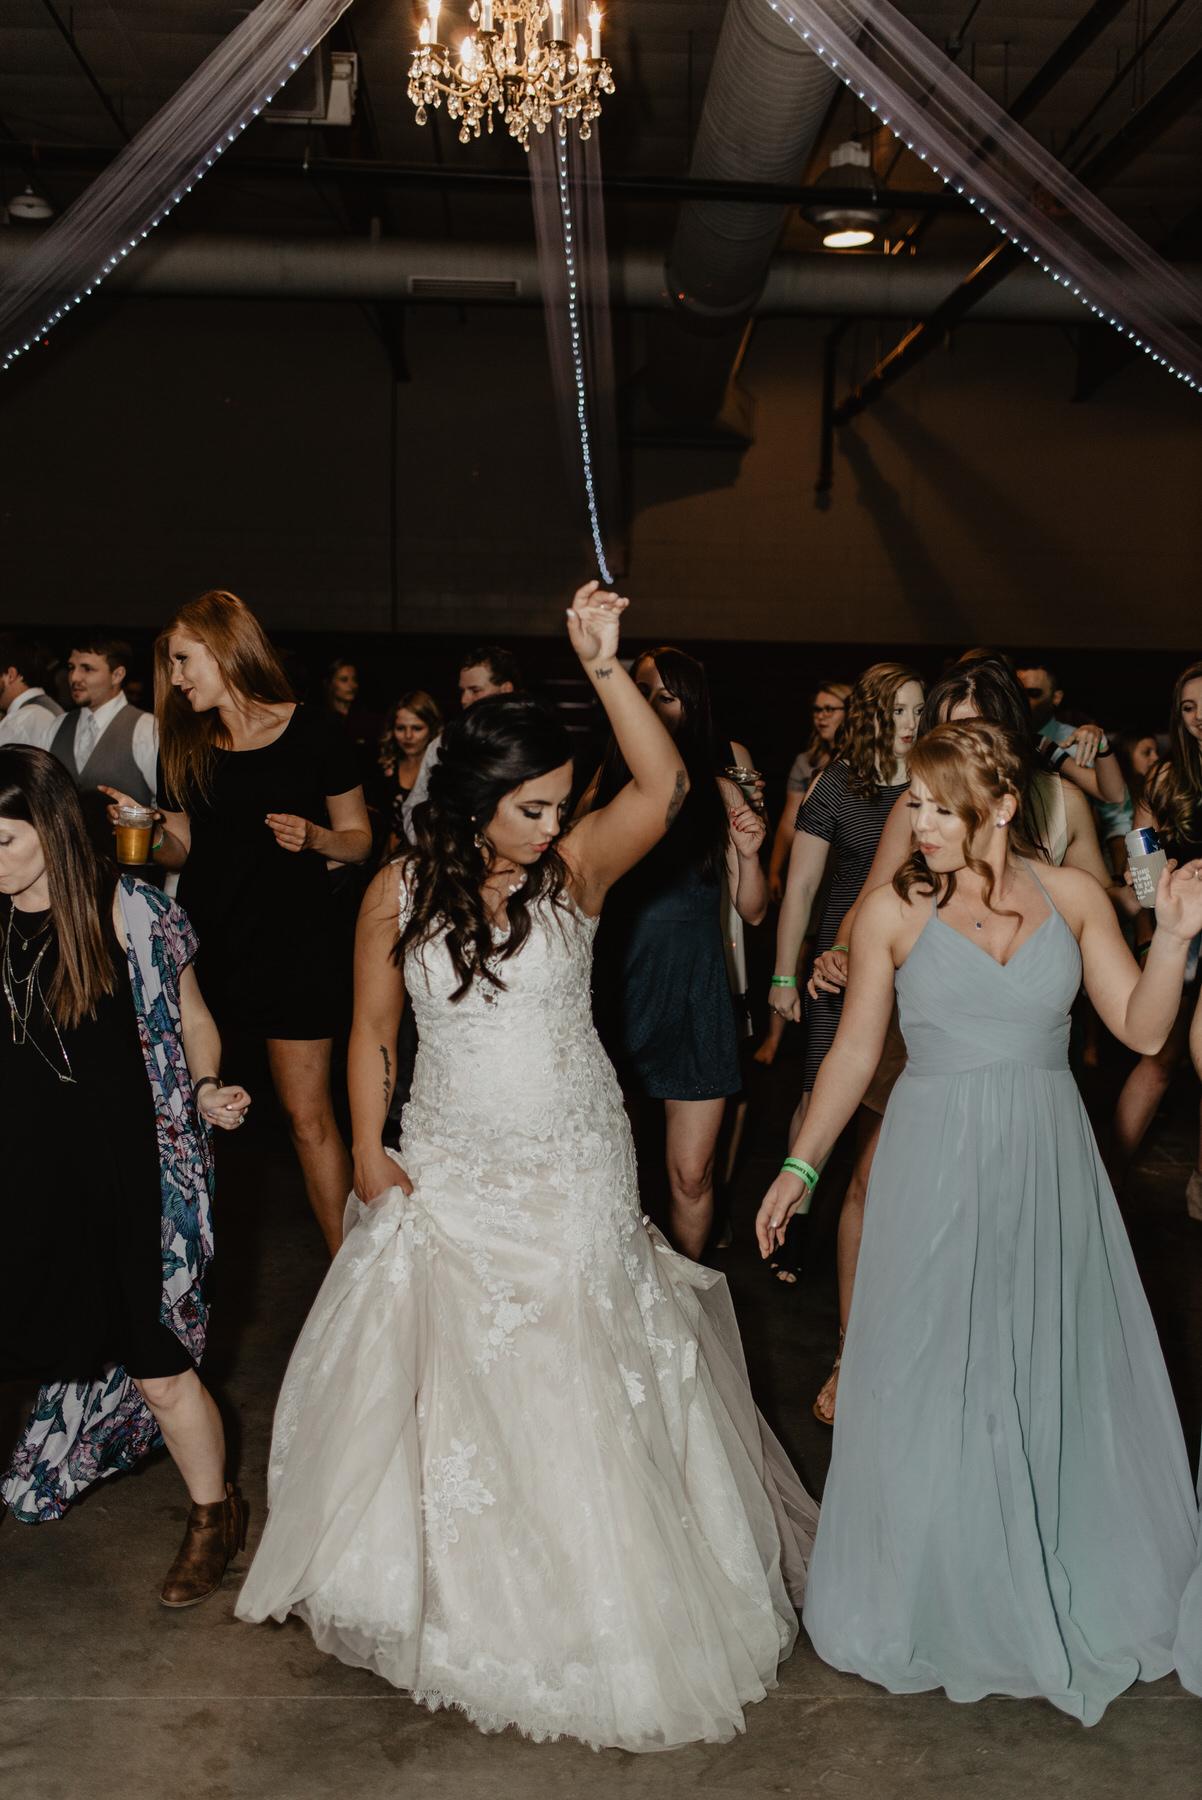 Kaylie-Sirek-Photography-Kearney-Nebraska-Wedding-129.jpg